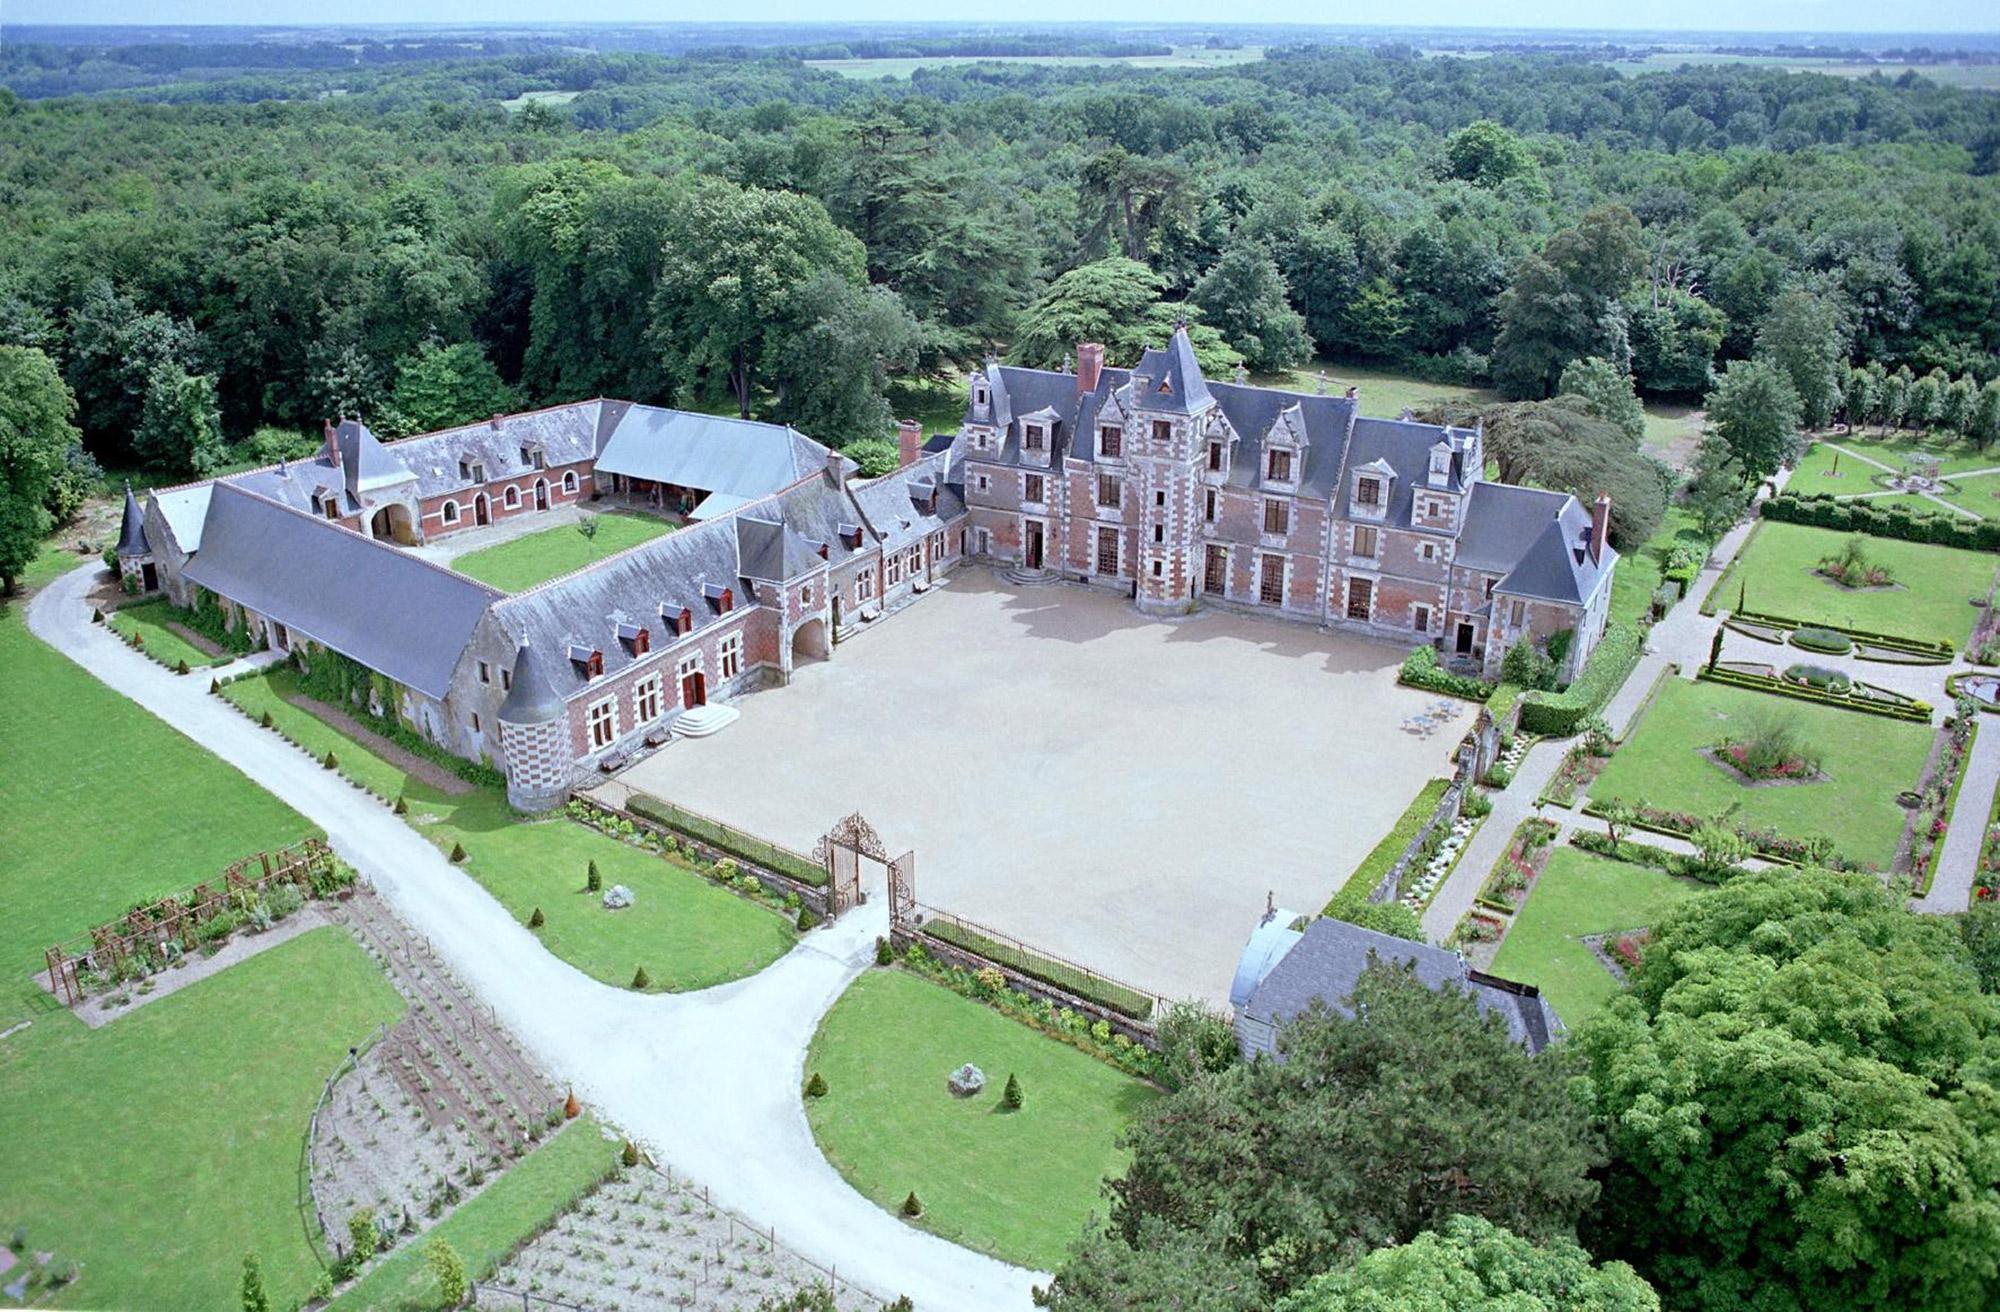 Vue aérienne d'un château et ses grands jardins